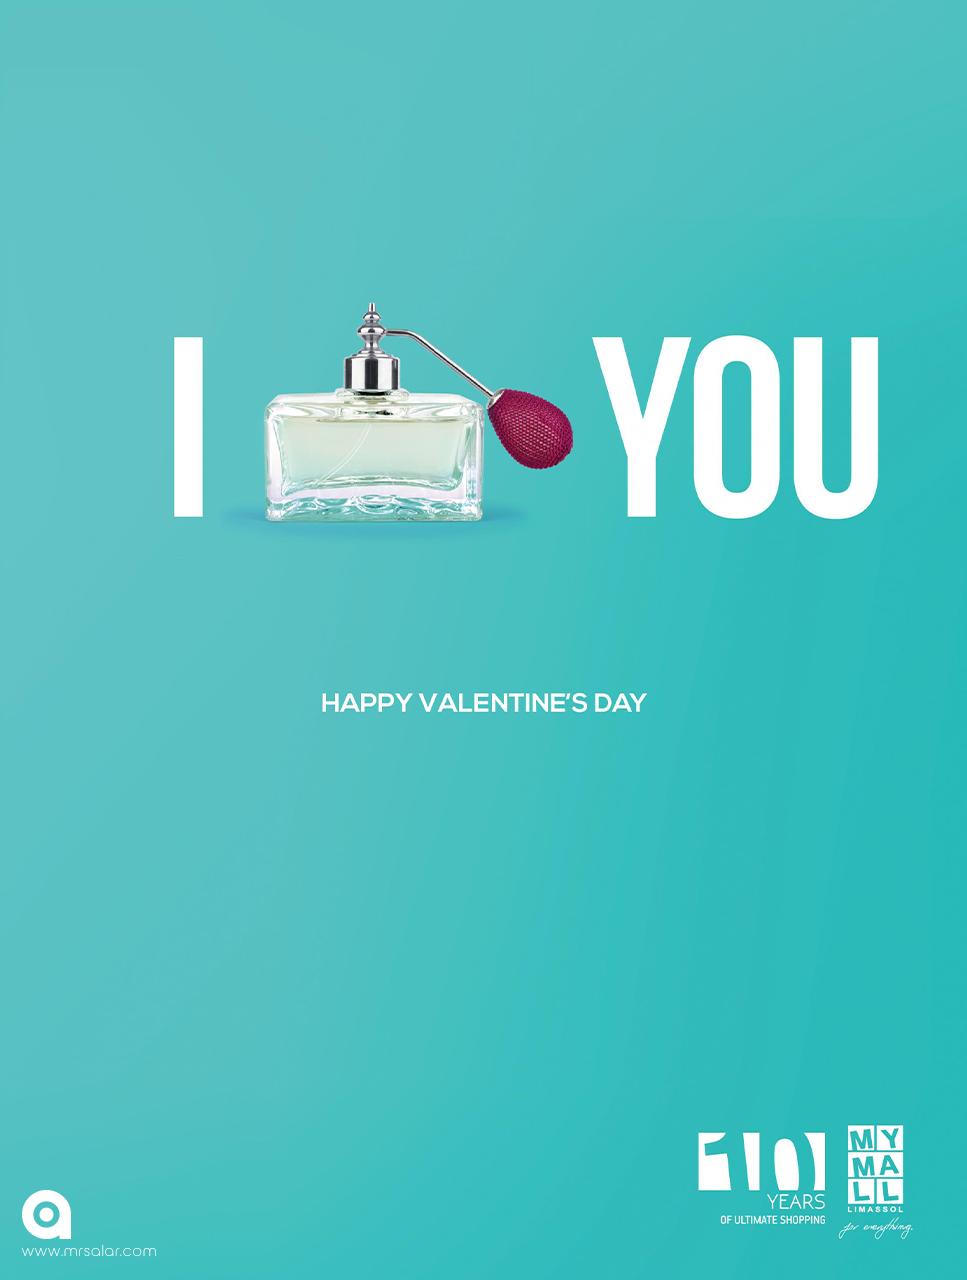 تصویر تبلیغاتی ولنتاین: دوستت دارم ۲